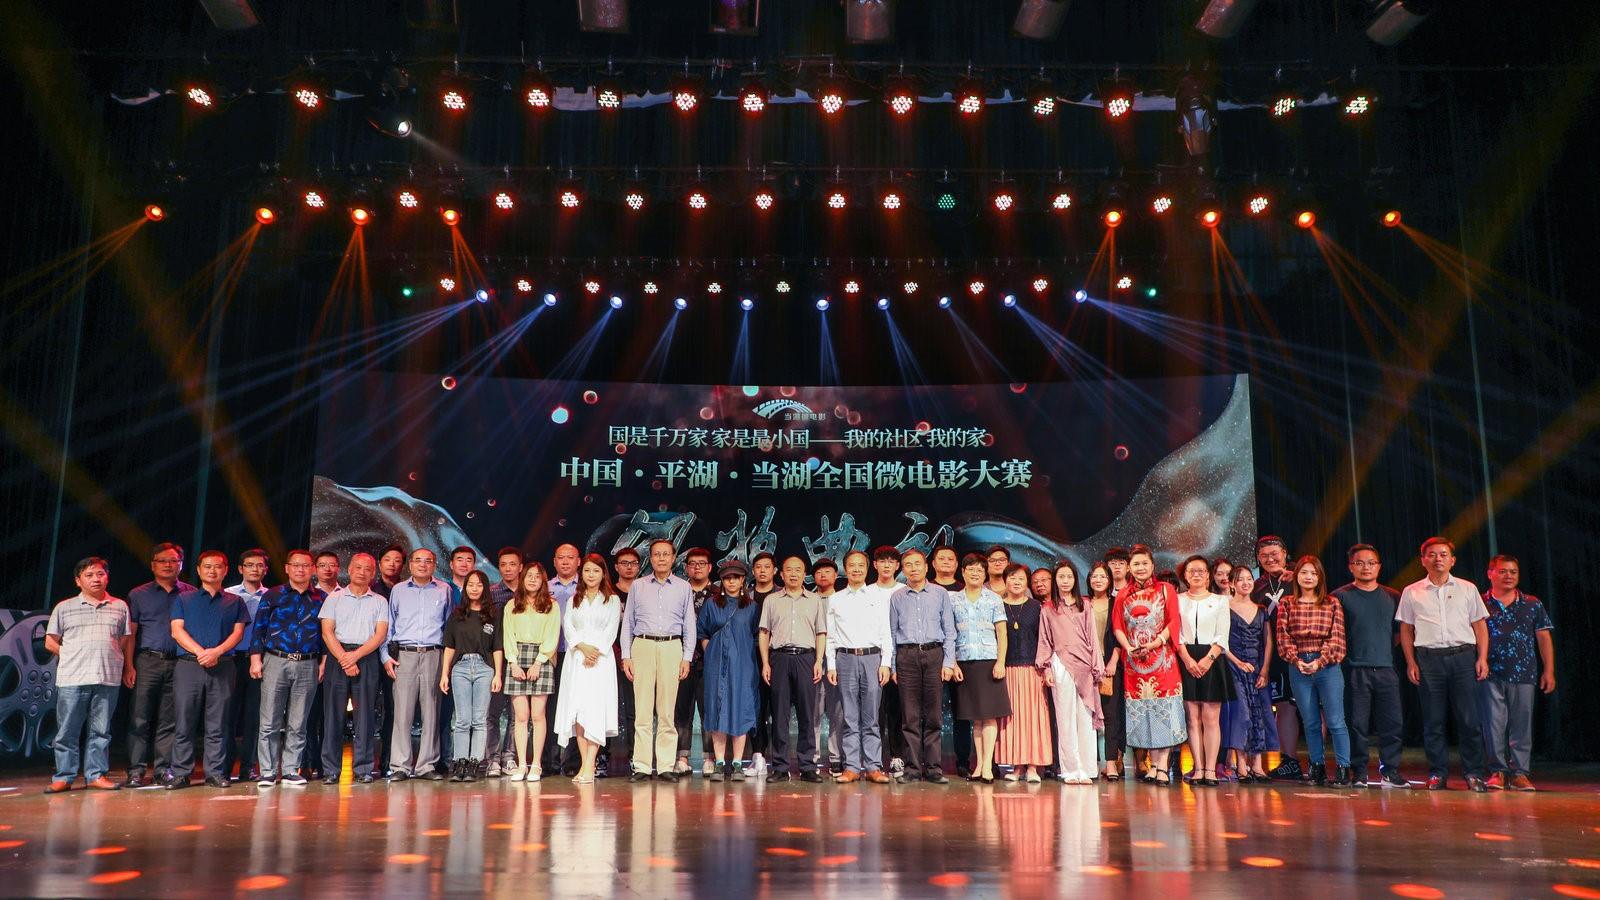 中国·平湖·当湖全国微电影大赛颁奖典礼.jpg